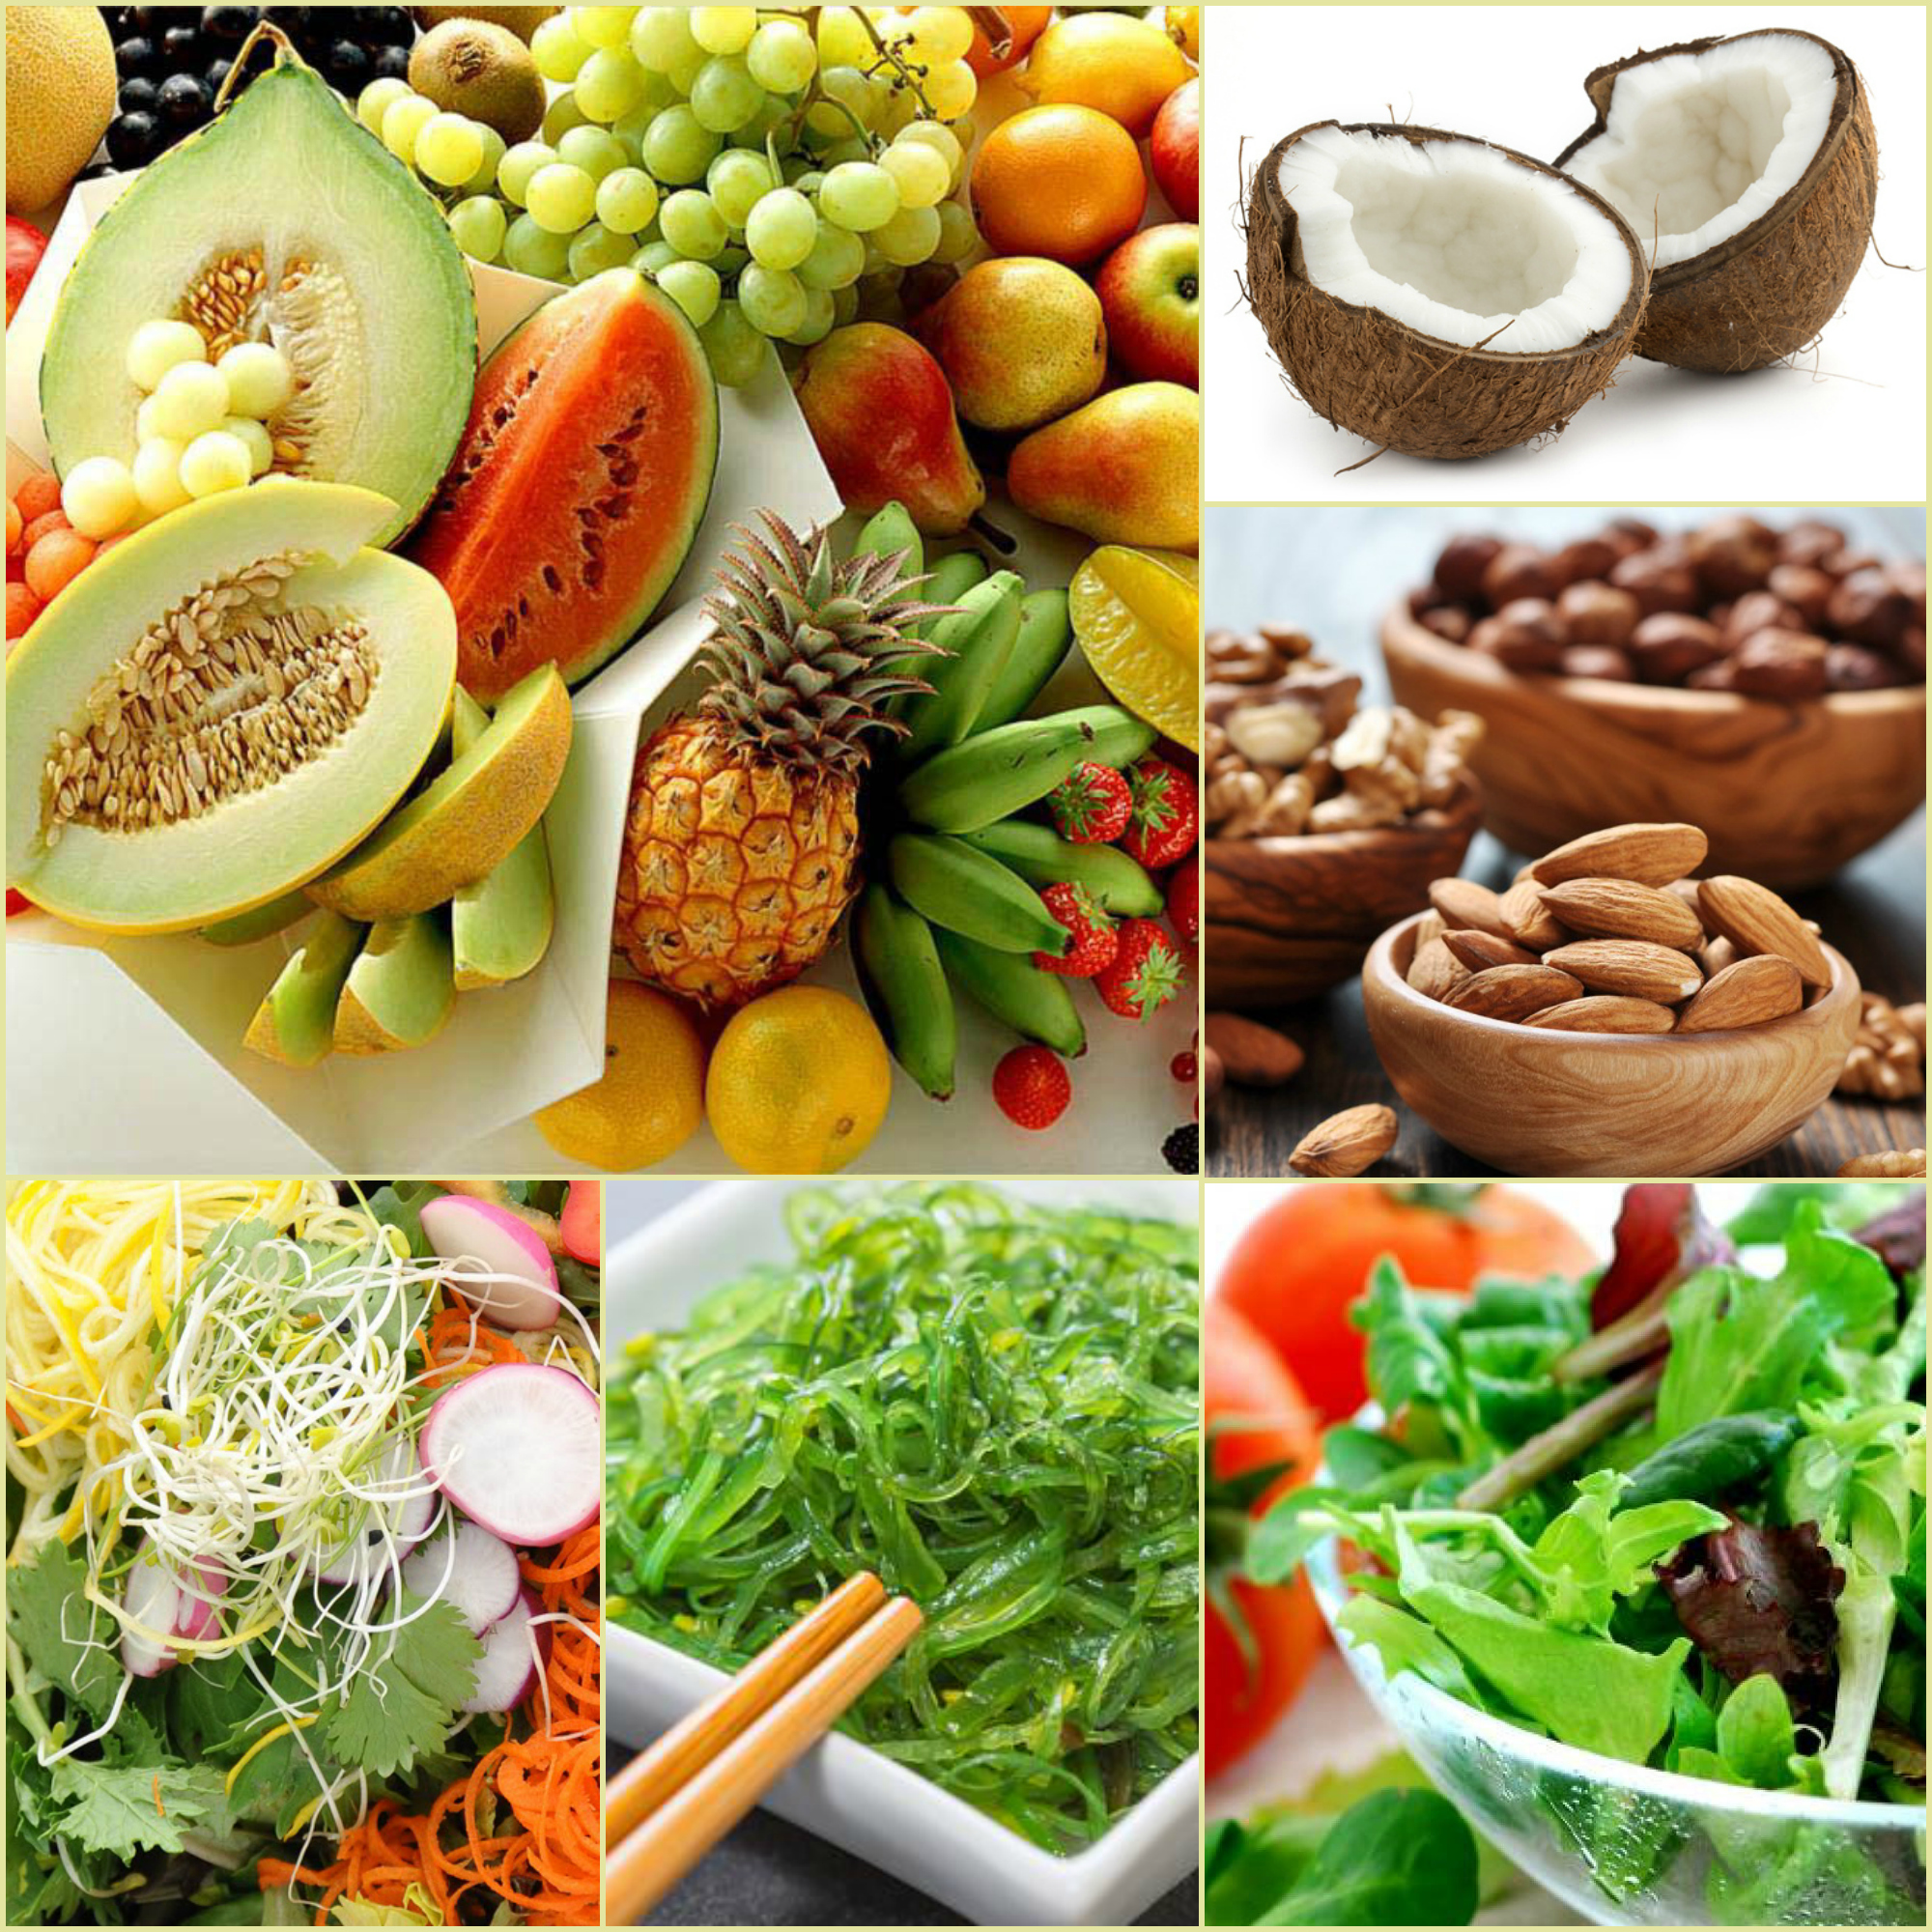 L 39 alimentation vivante le secret d 39 une bonne sant - Cuisine vivante pour une sante optimale ...